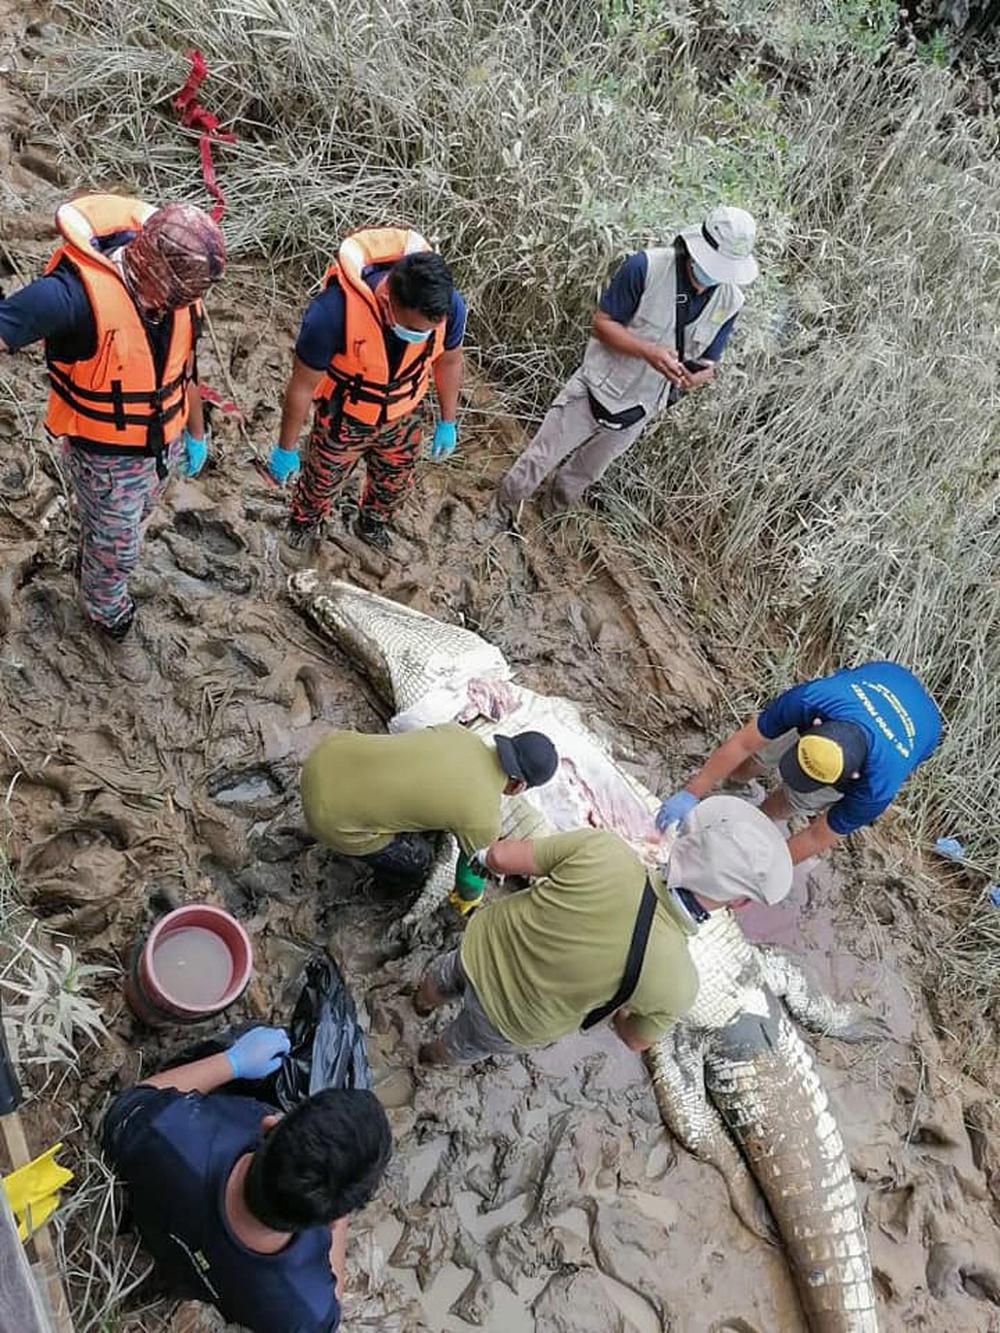 Dùng thịt gà để nhử, nhóm người bắt được con cá sấu khổng lồ, sau khi mổ bụng ra nhiều người bất ngờ òa khóc - Ảnh 2.